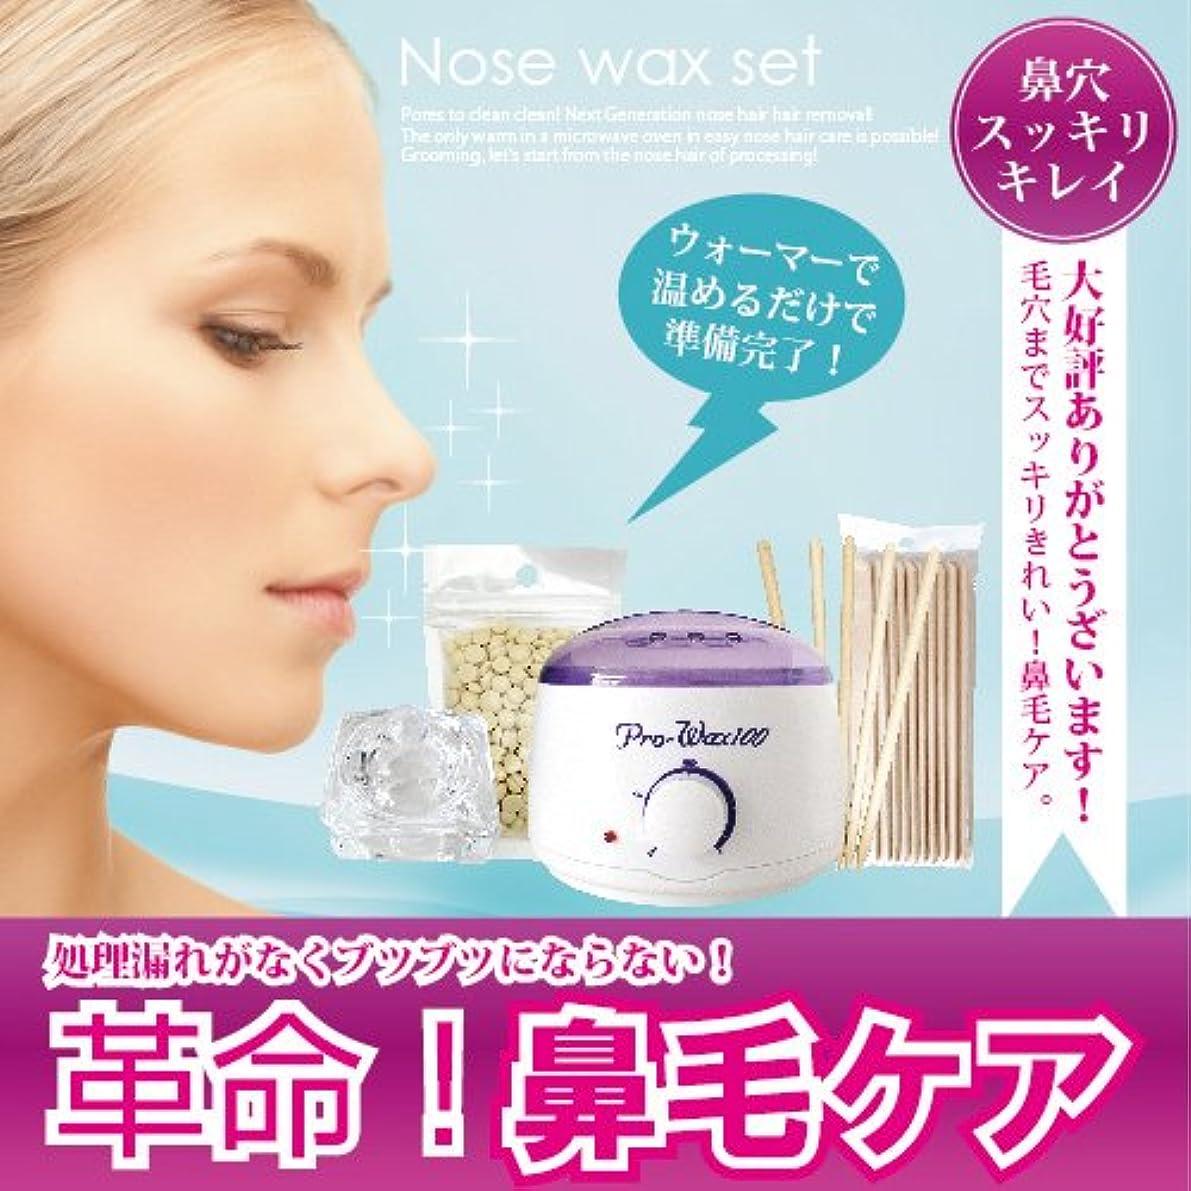 関数サーキットに行くトレーニングブラジリアンワックス Nose wax setウォーマー付ノーズワックス鼻毛ケアセット(約12回分)